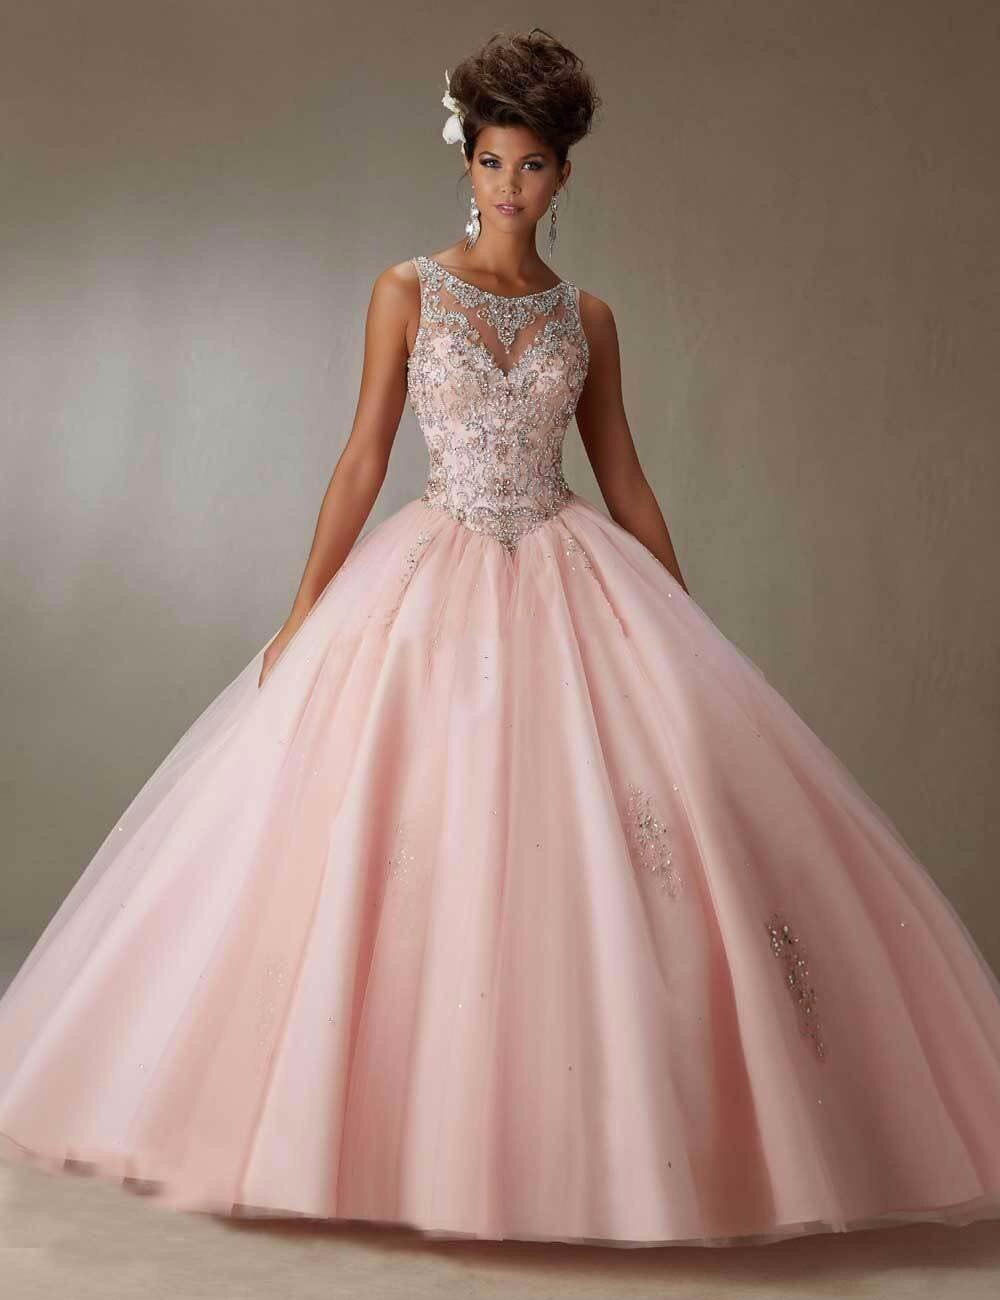 Nuevos vestidos de 15 anos 2017 Sky Light Blue/Pink Quinceanera Del ...